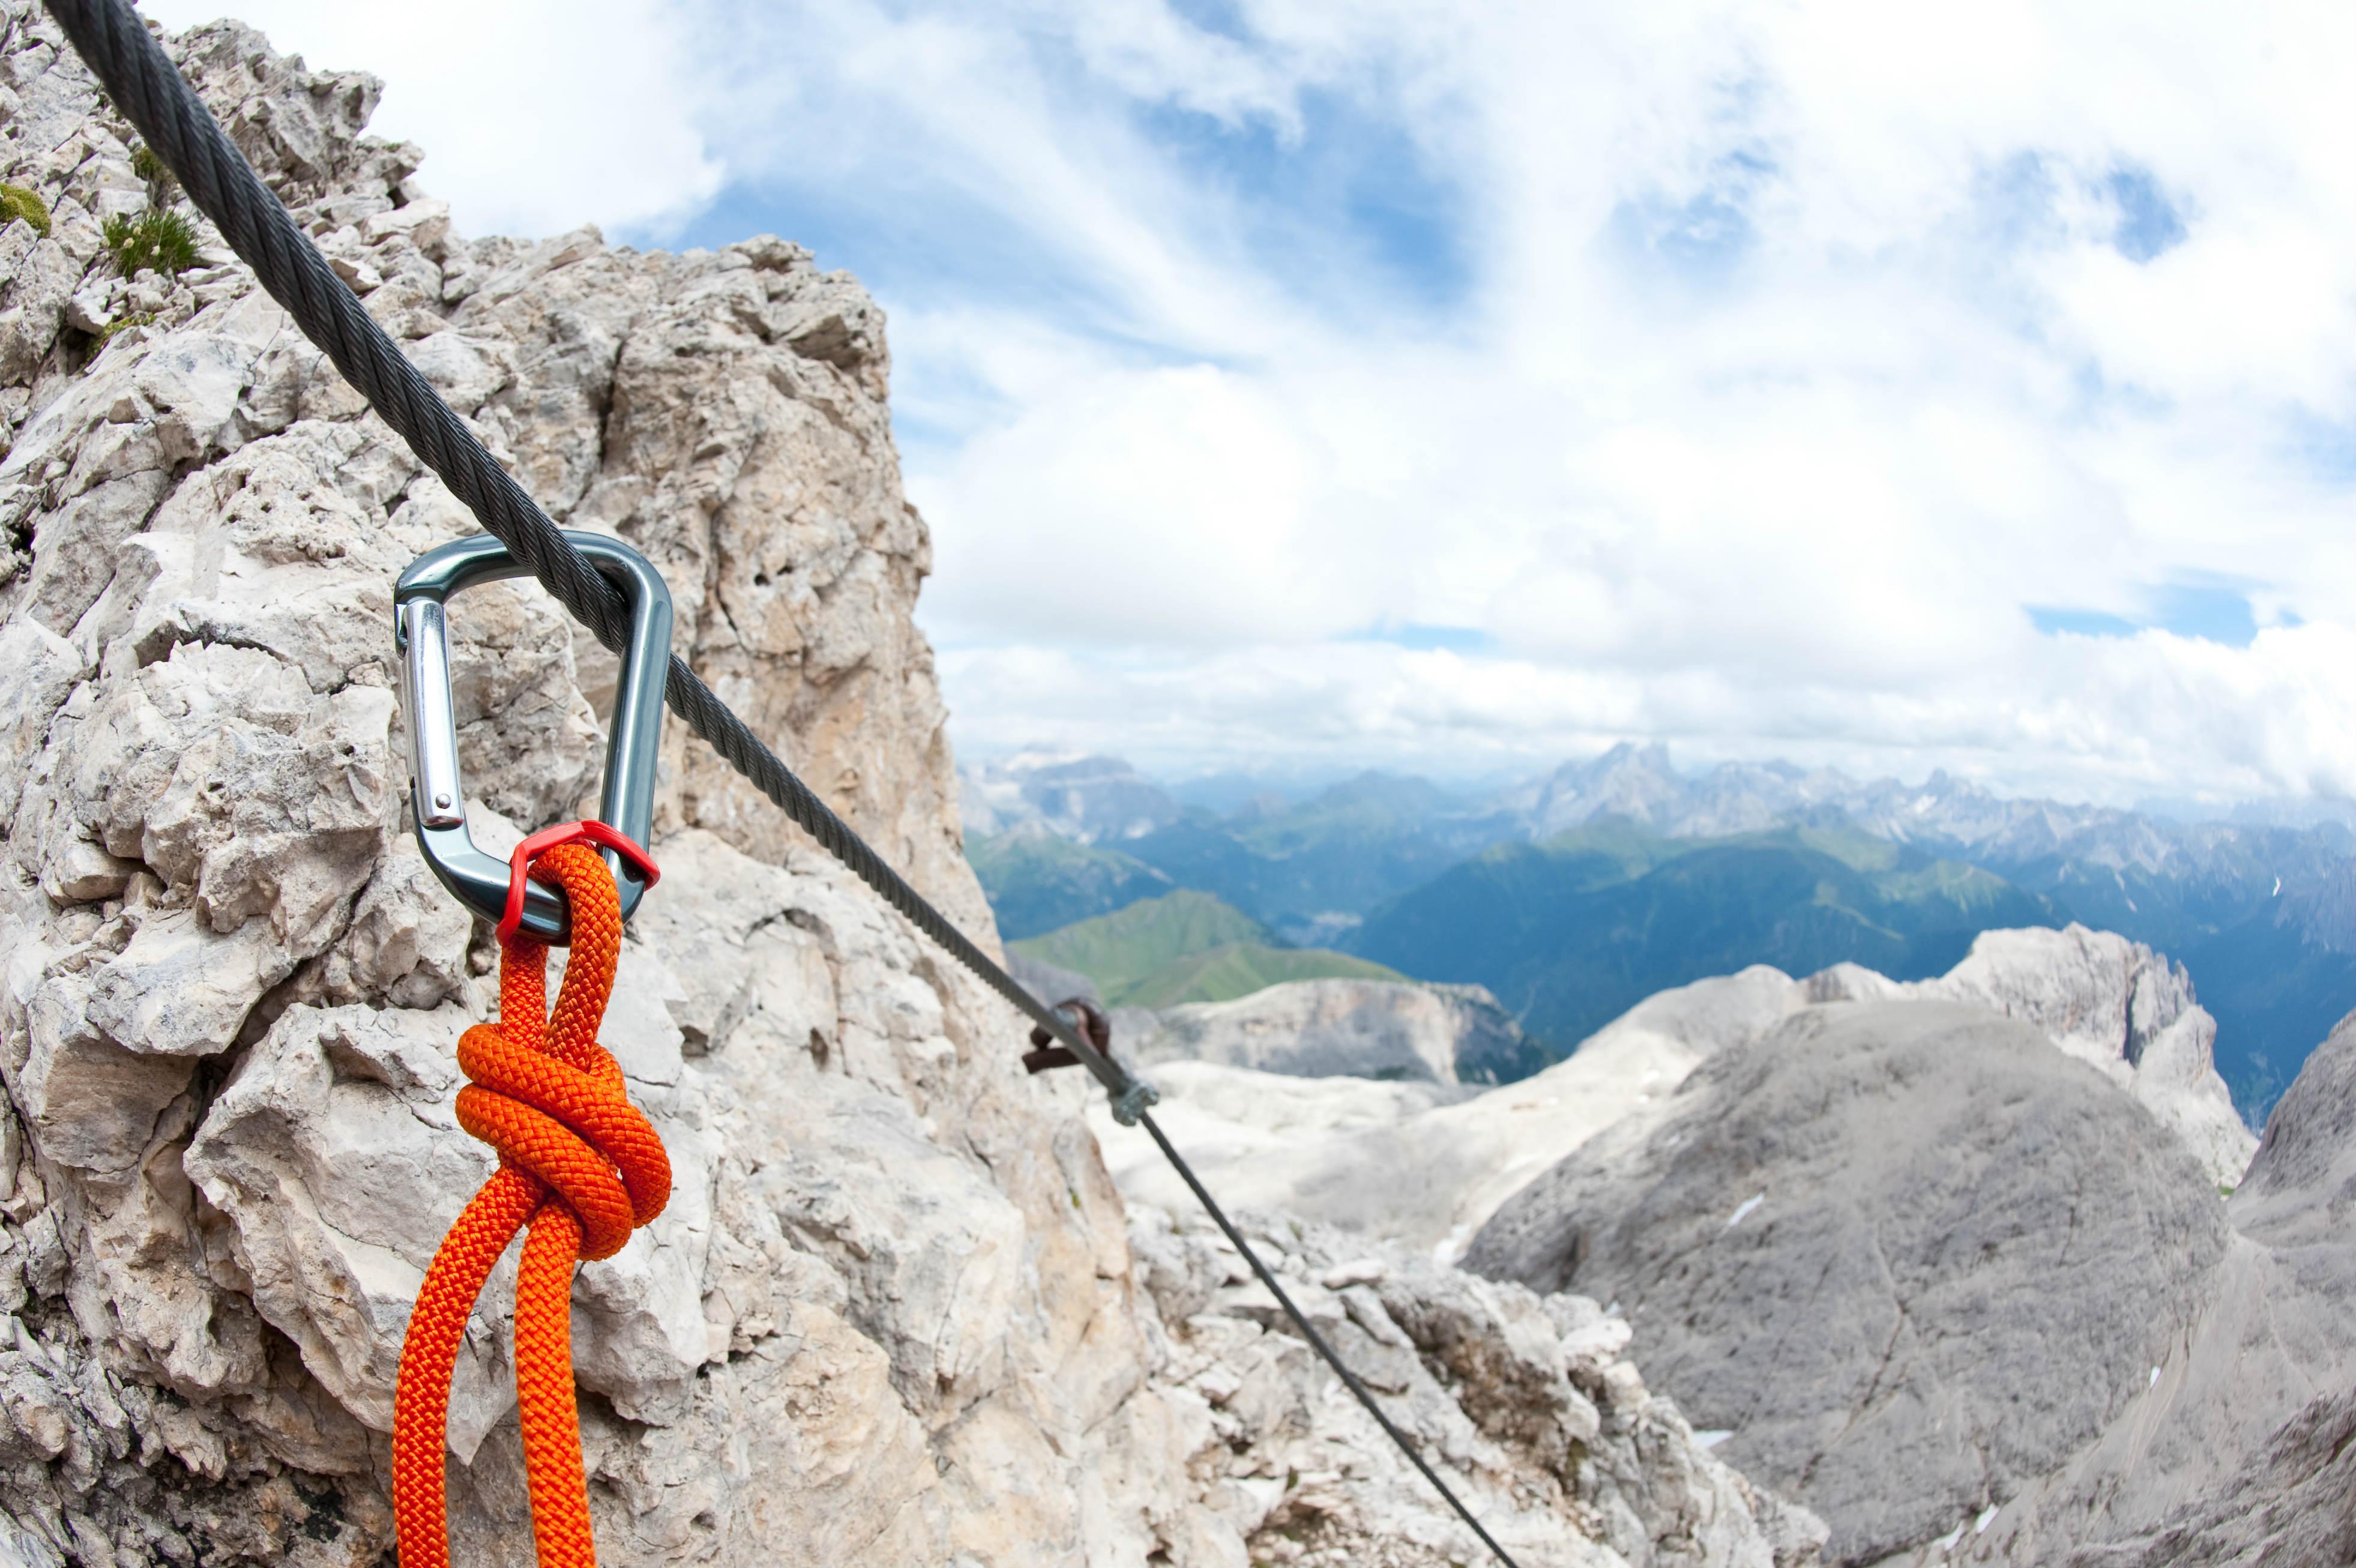 Der entscheidende Human Ressources Management Fokus - Wirksame Selbstführung und Leadership